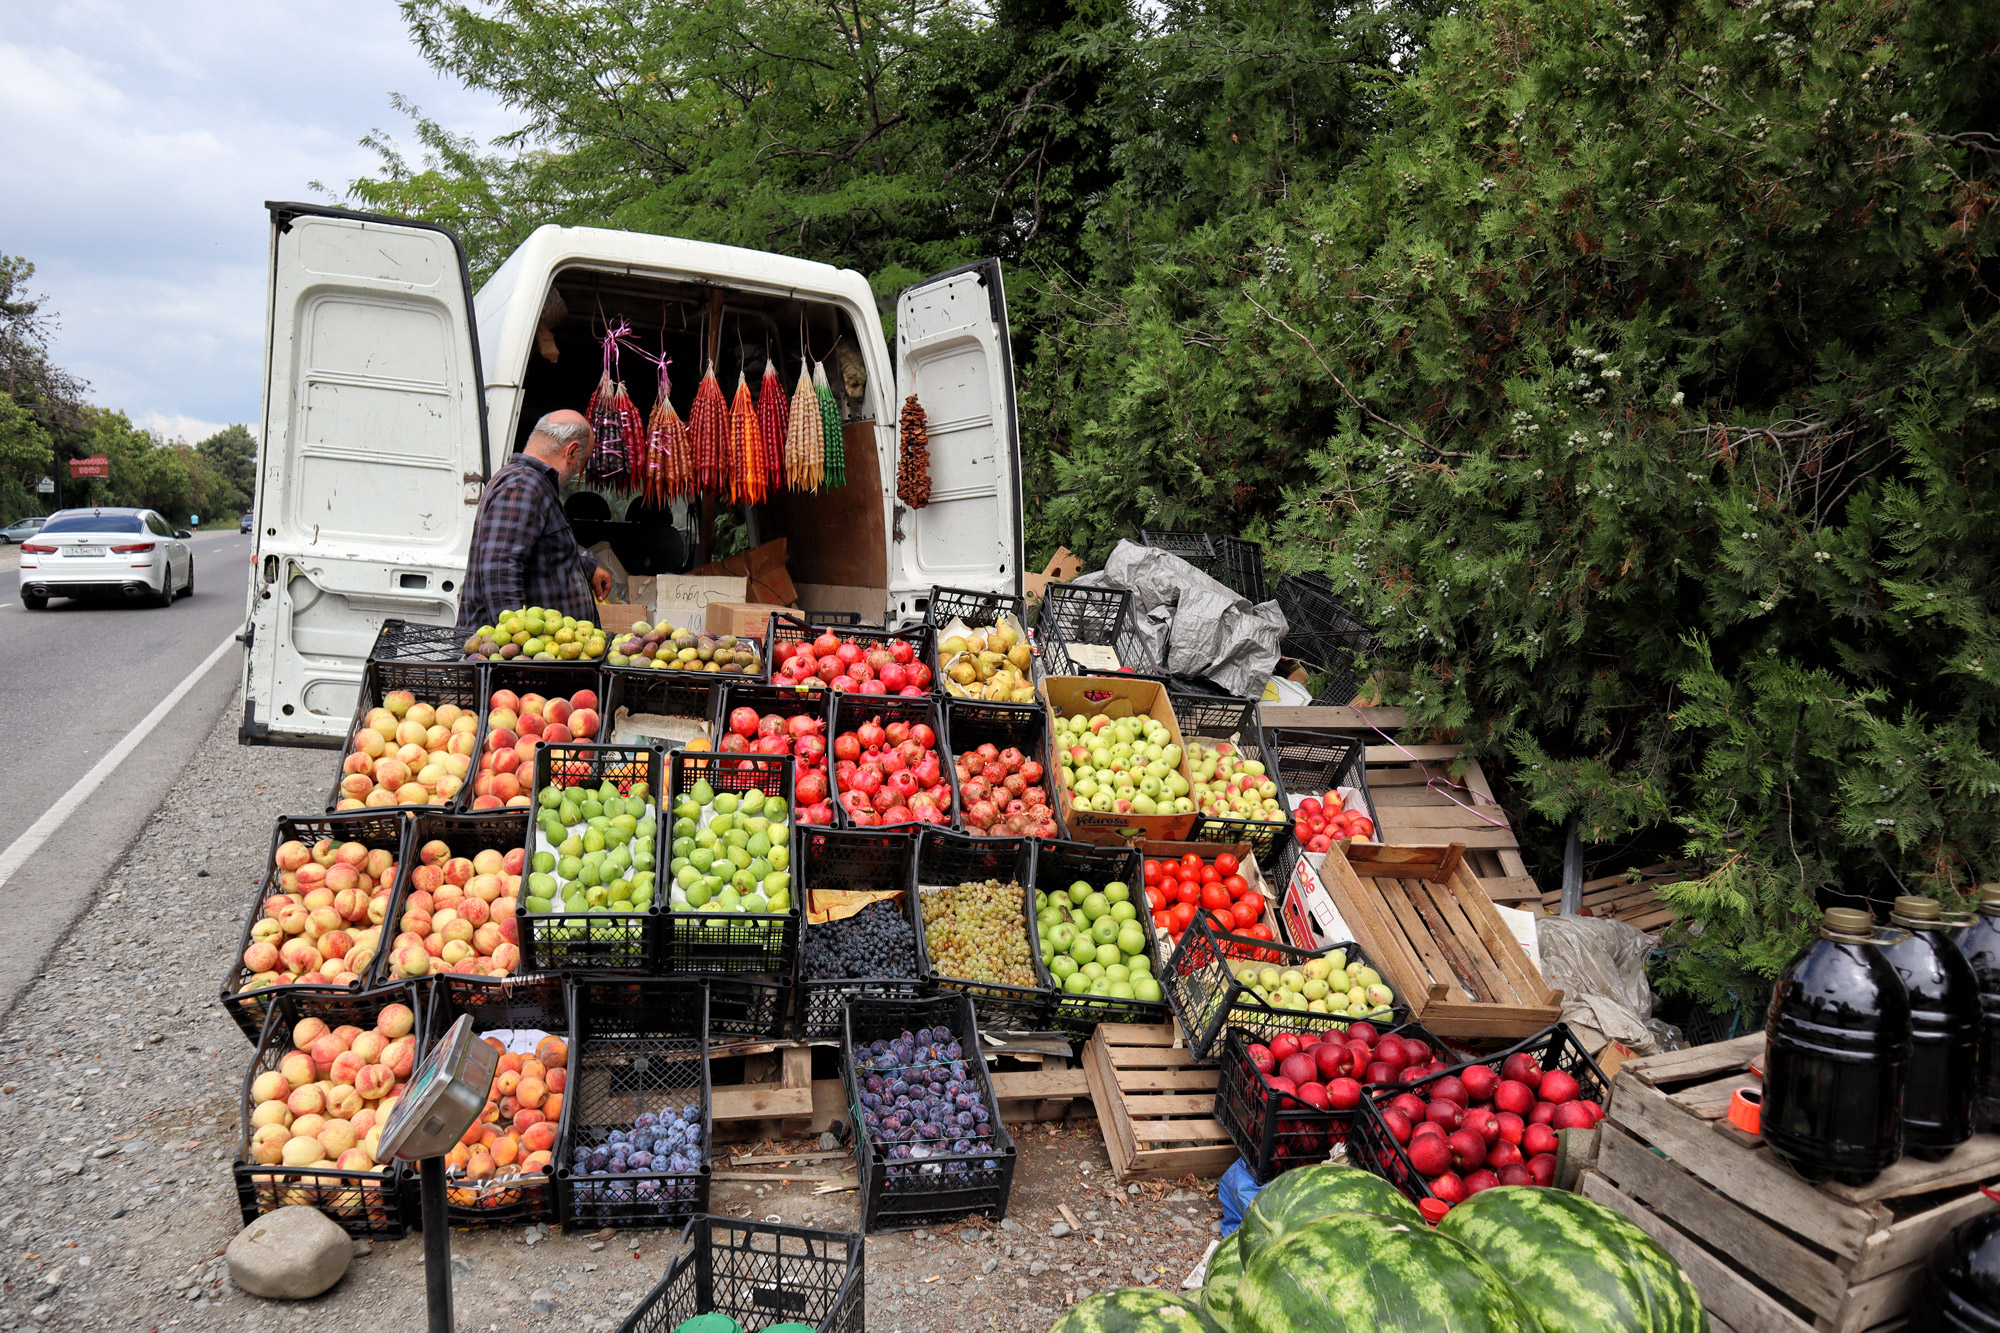 Kosten Georgië - Fruit kopen langs de weg